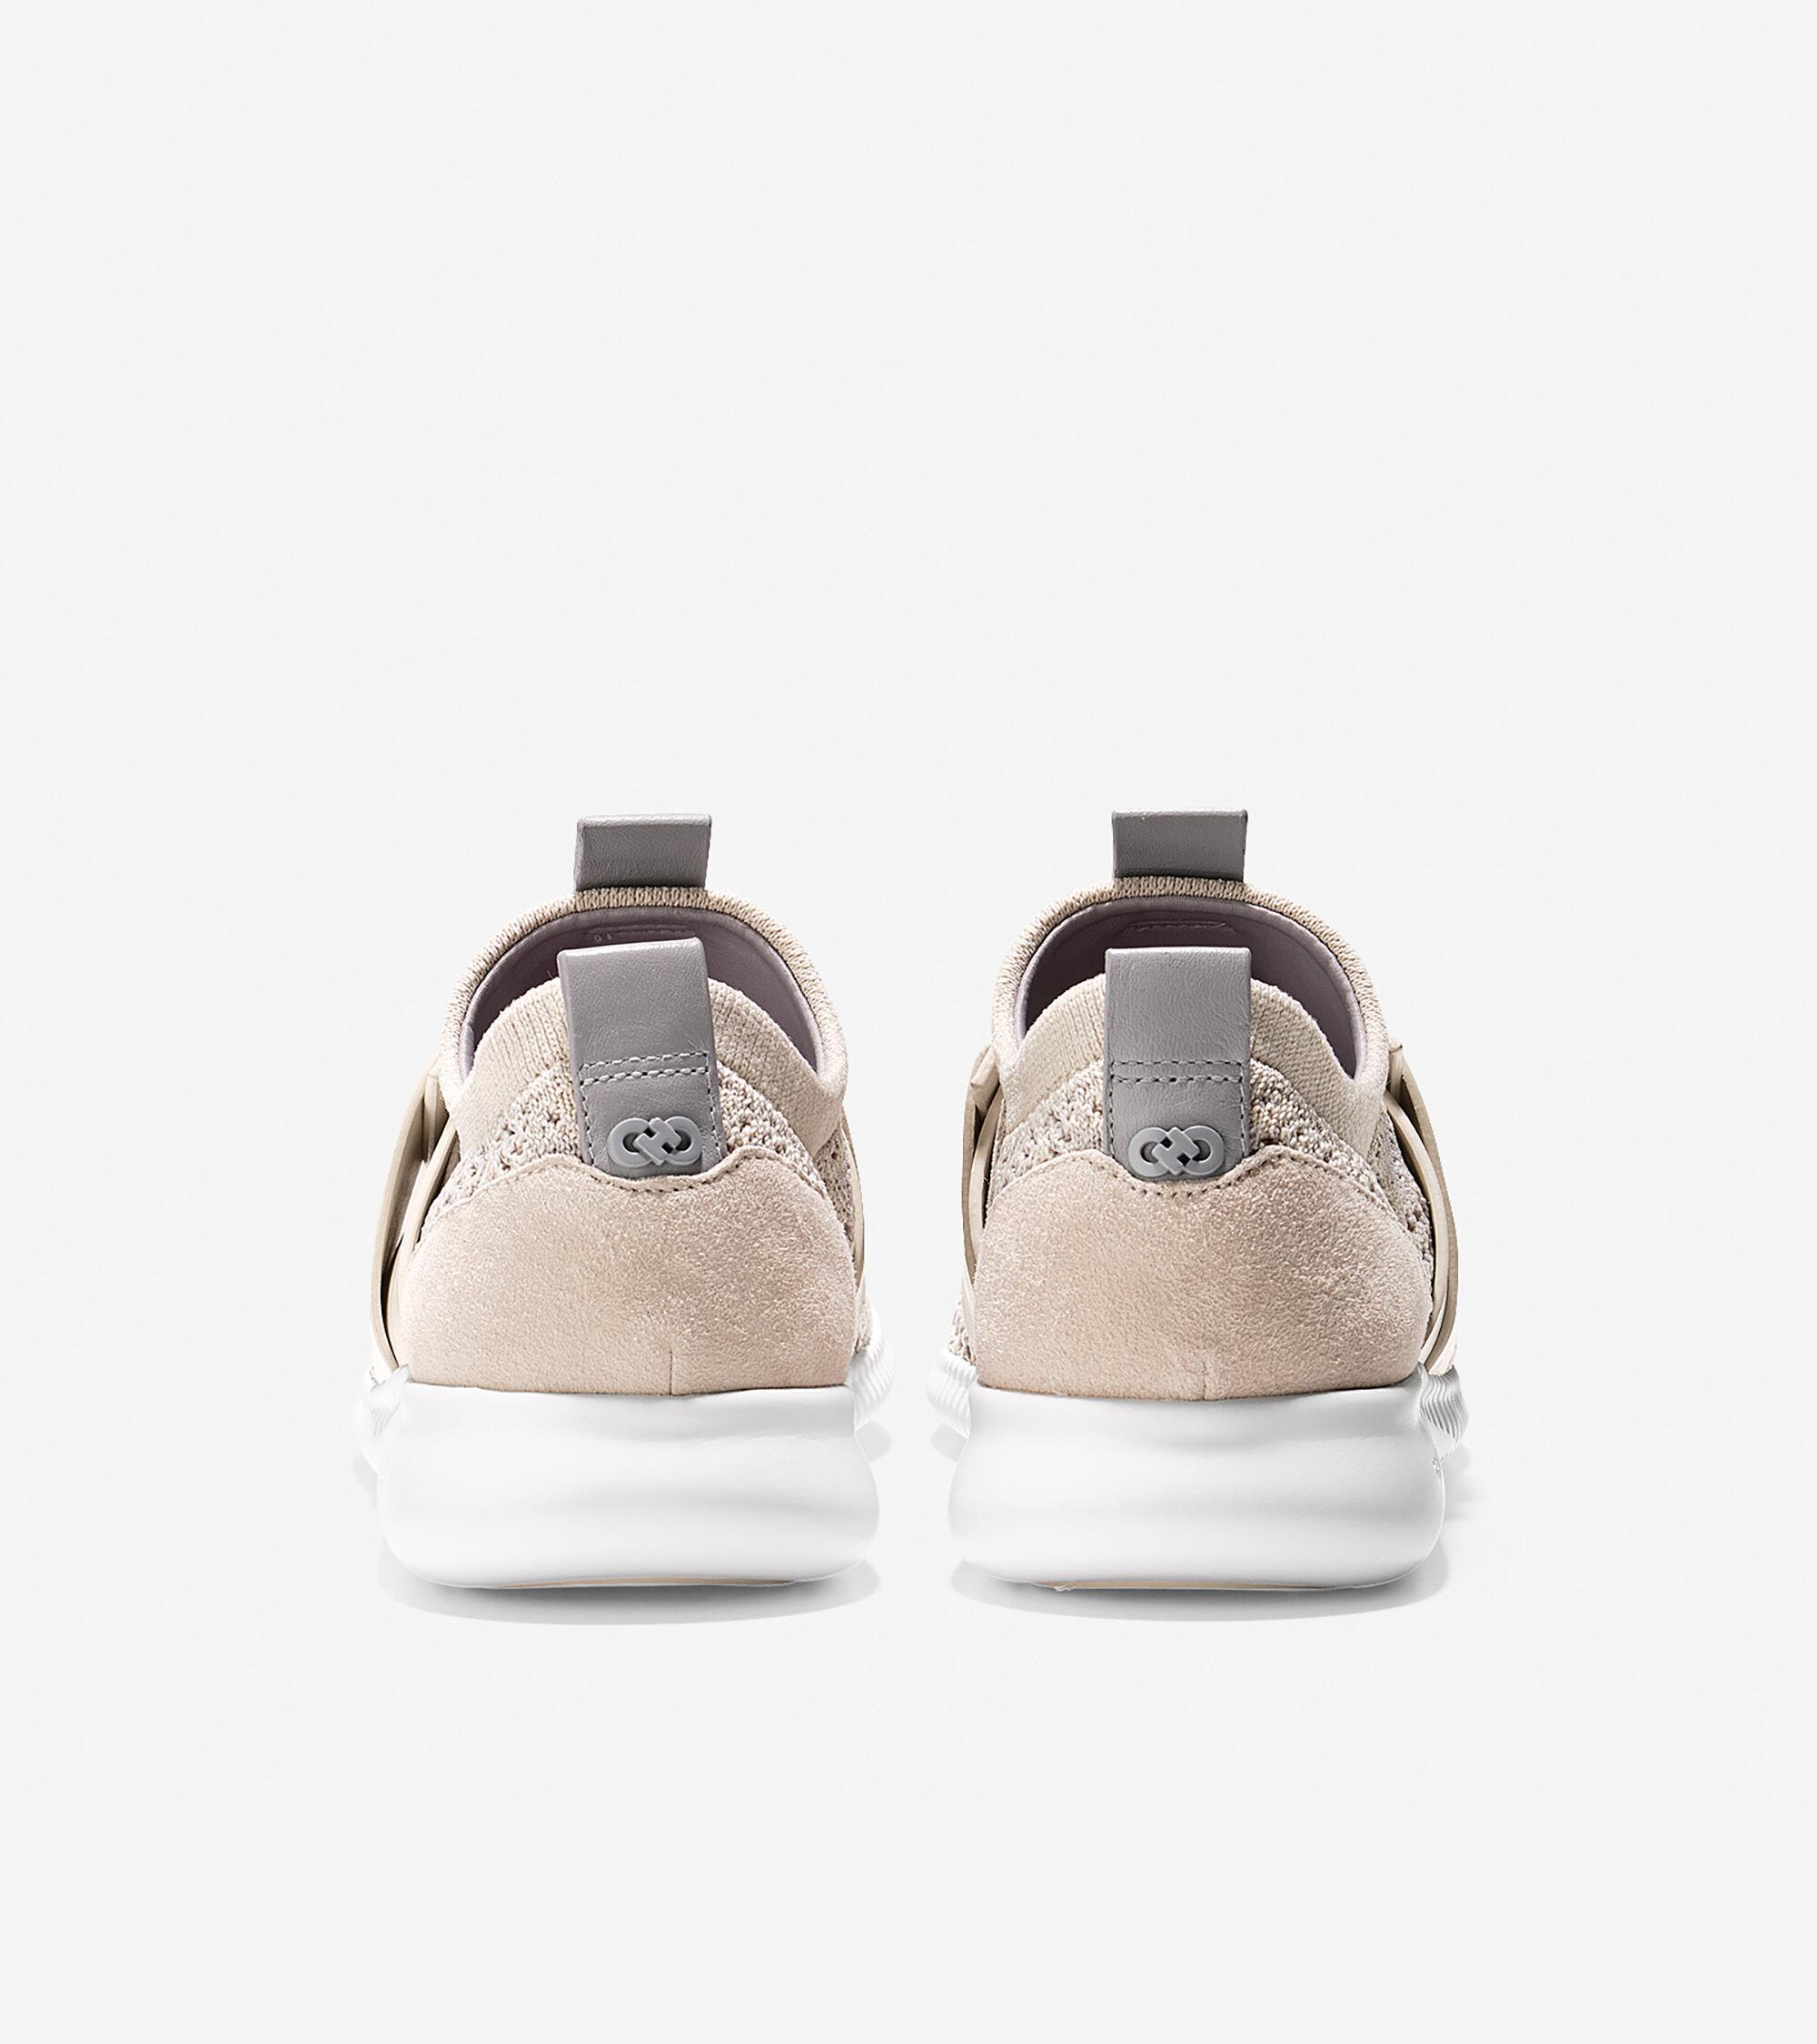 ba8344ddd64 Women s StudioGrand Knit Sneakers in Rainy Day-Silver